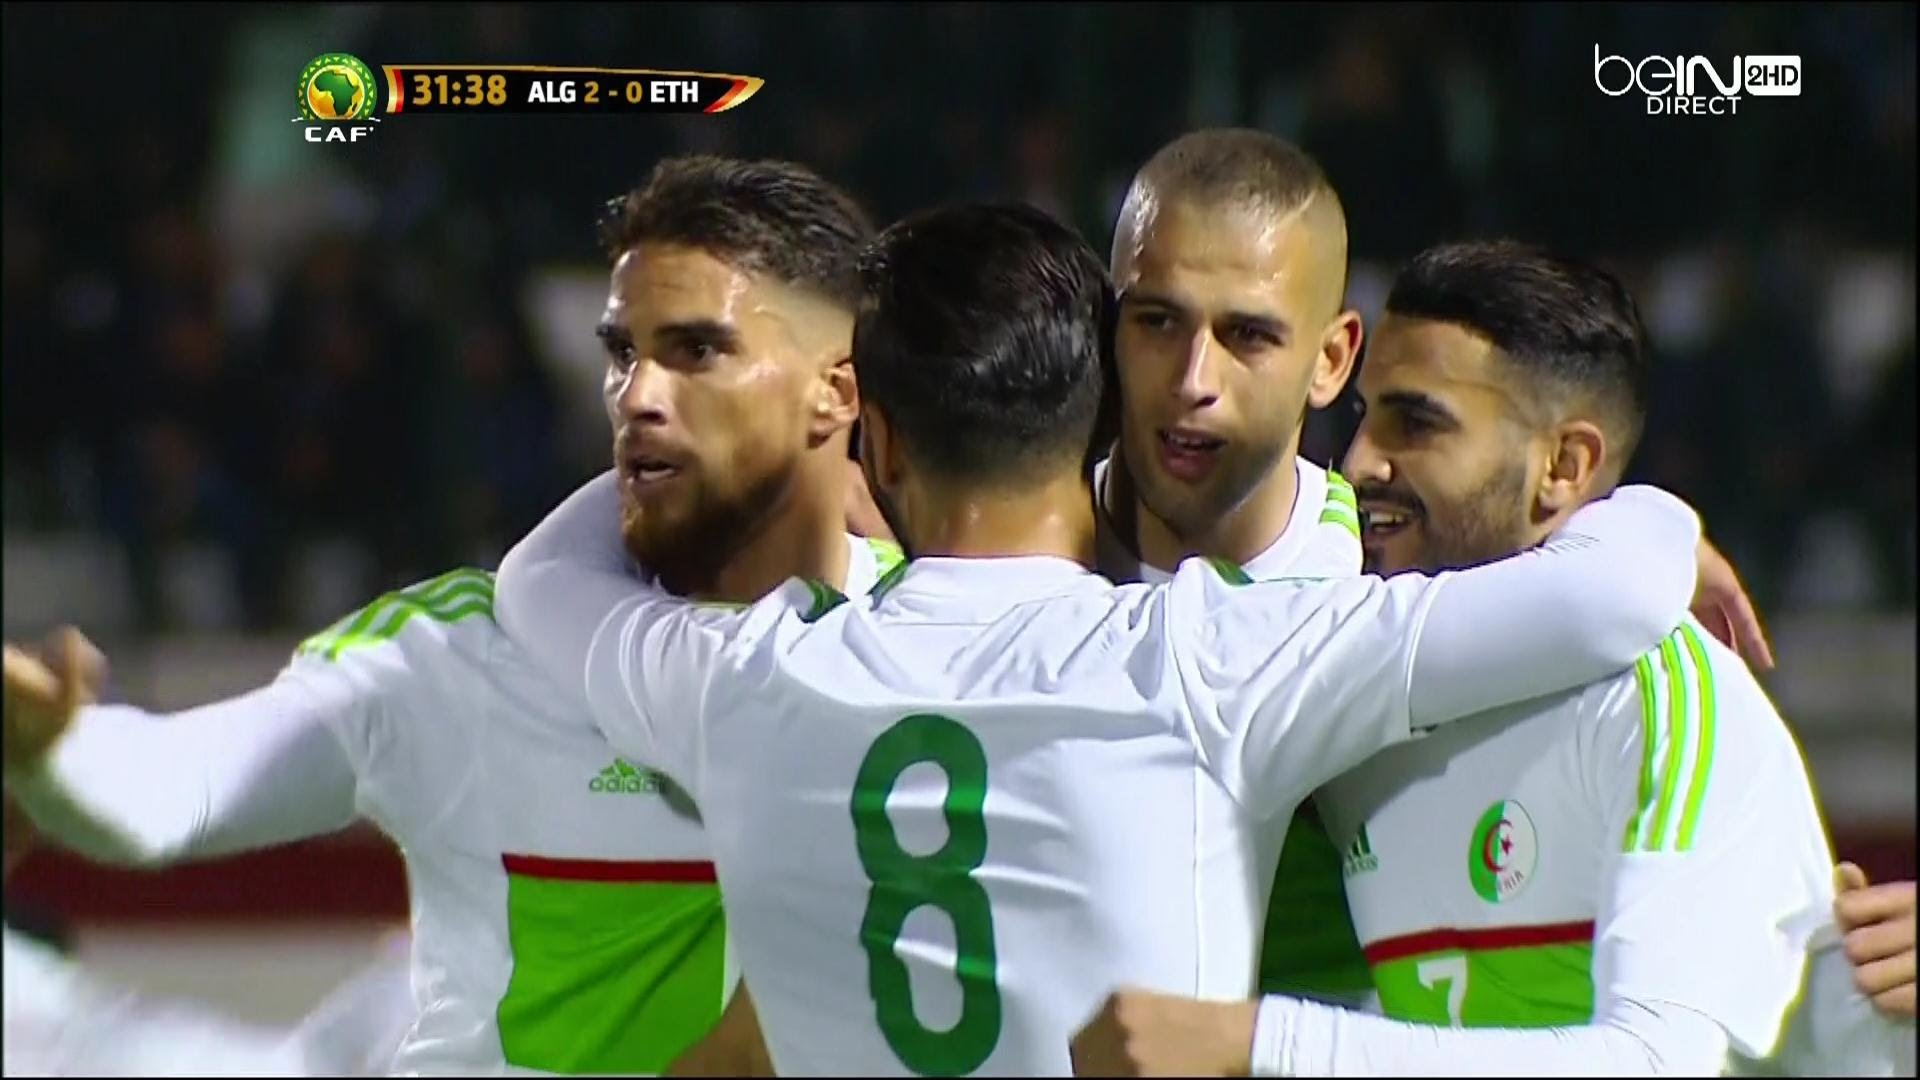 بالفيديو.. الأهداف السبعة للمنتخب الجزائري